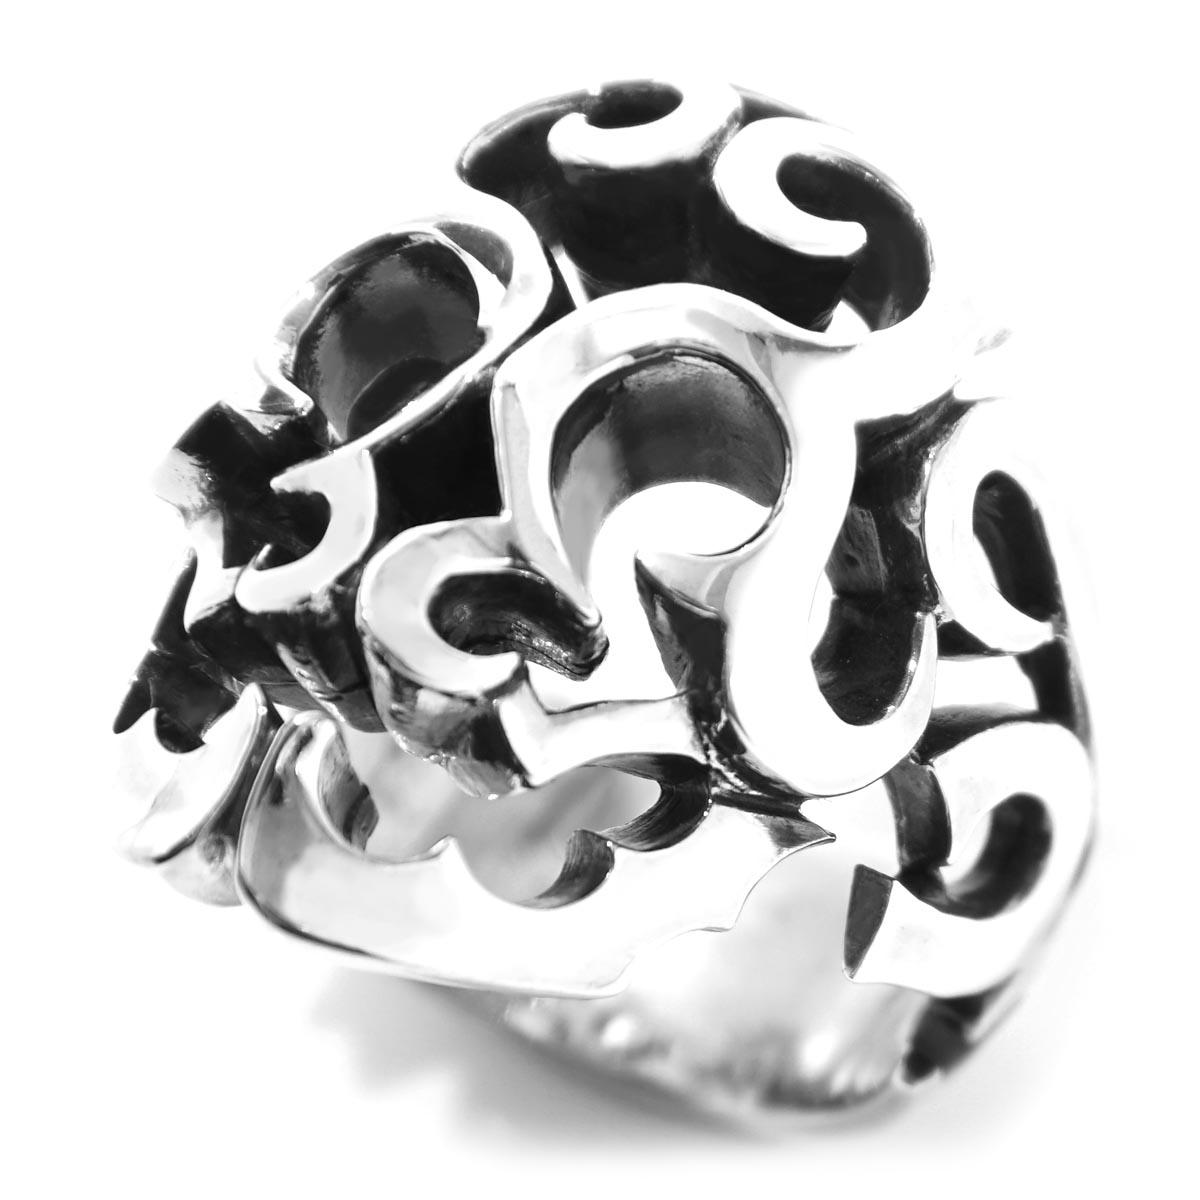 ガーデル GARDEL リング 指輪 シルバー メンズ アクセサリー ジュエリー ギフト プレゼント gdr037 SURVIVE SKULL RING【返品交換不可】【ラッピング無料】【181201】